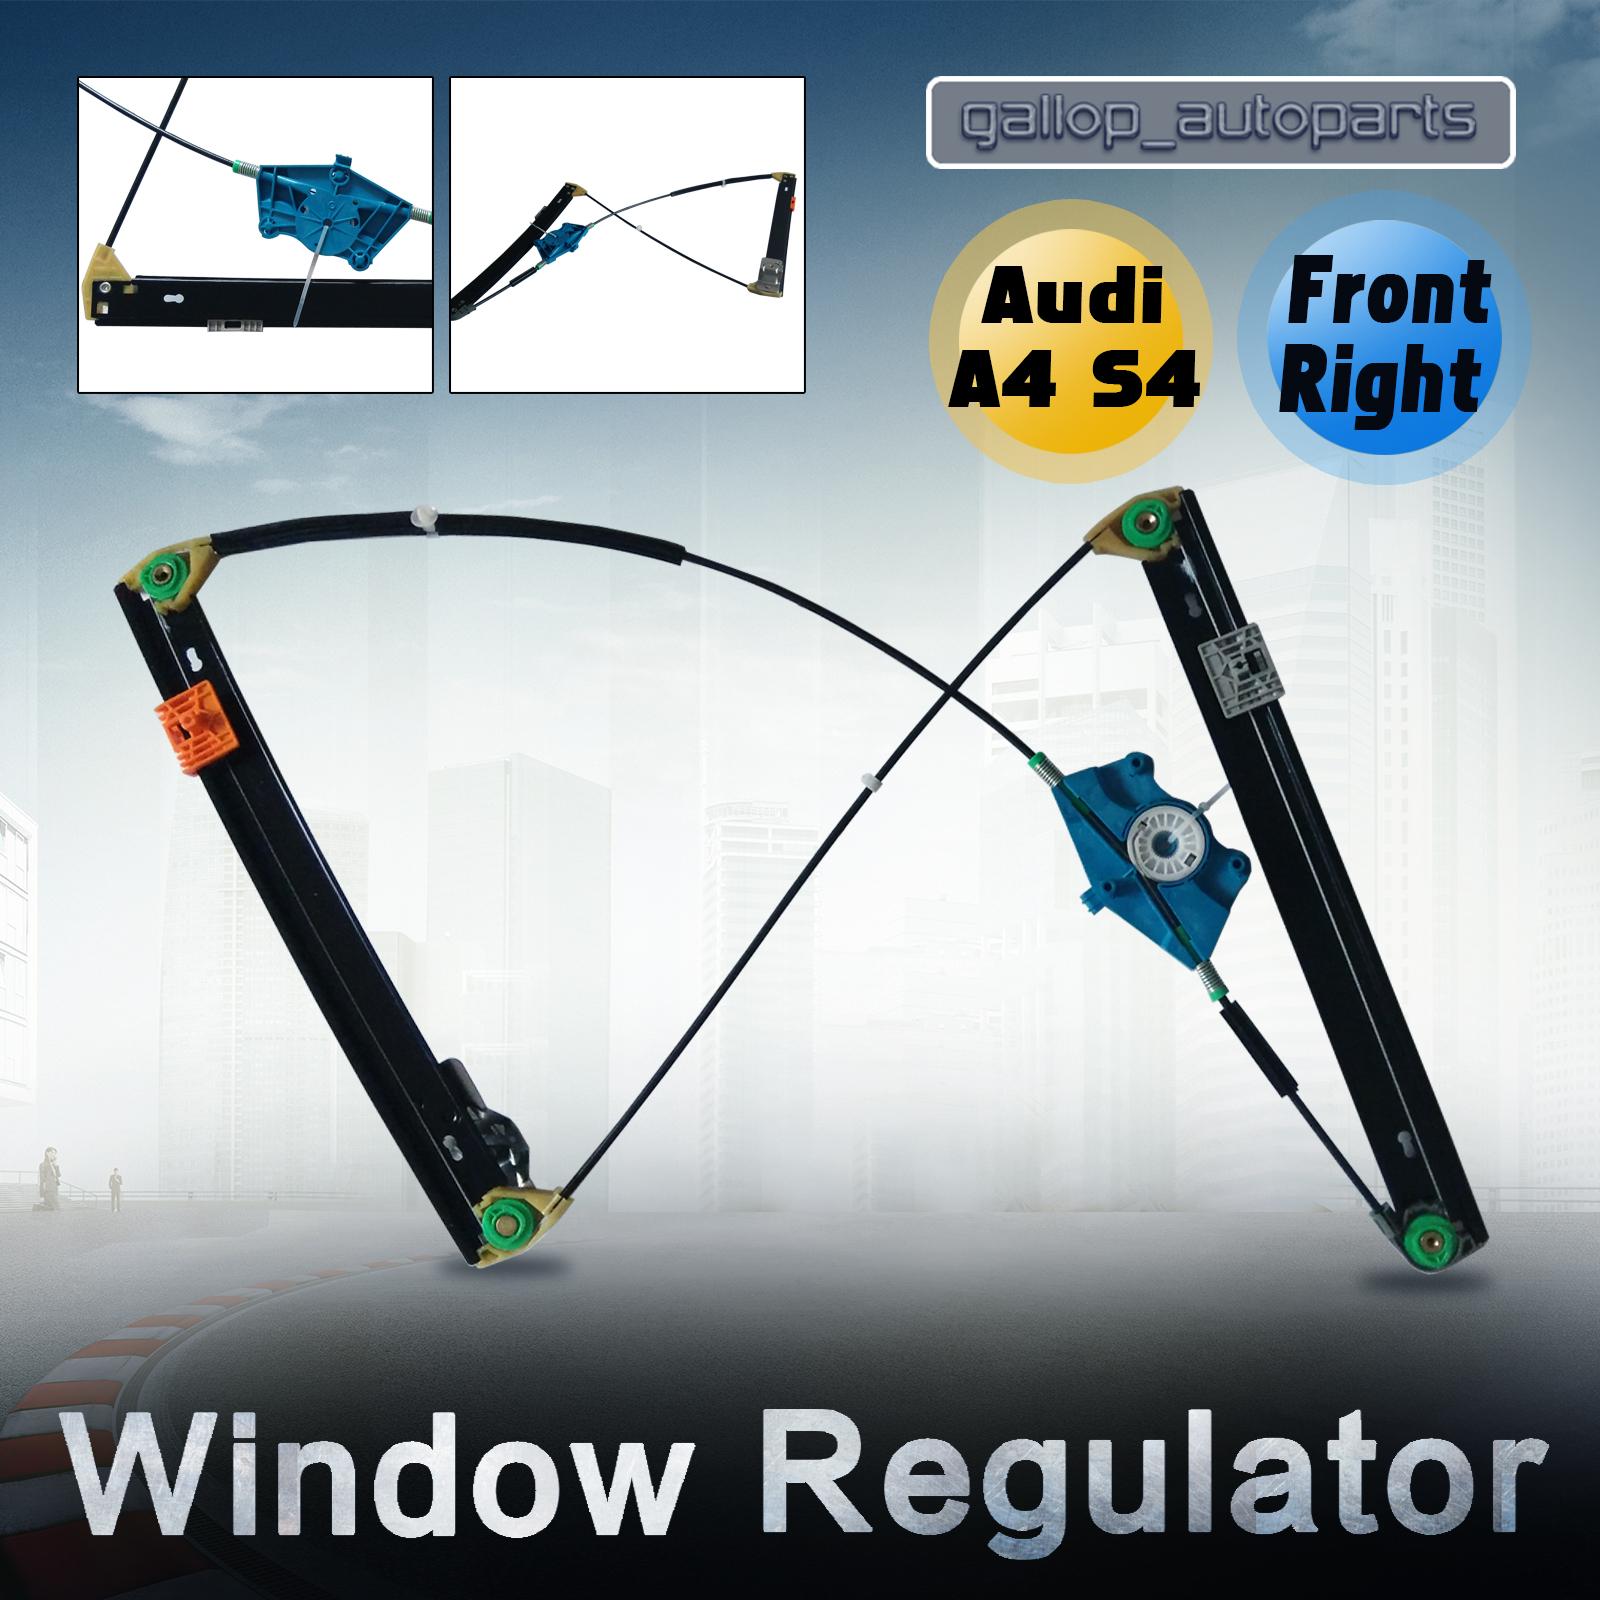 Power window regulator audi s4 a4 rs4 8e b6 front right for 2003 audi a4 rear window regulator replacement